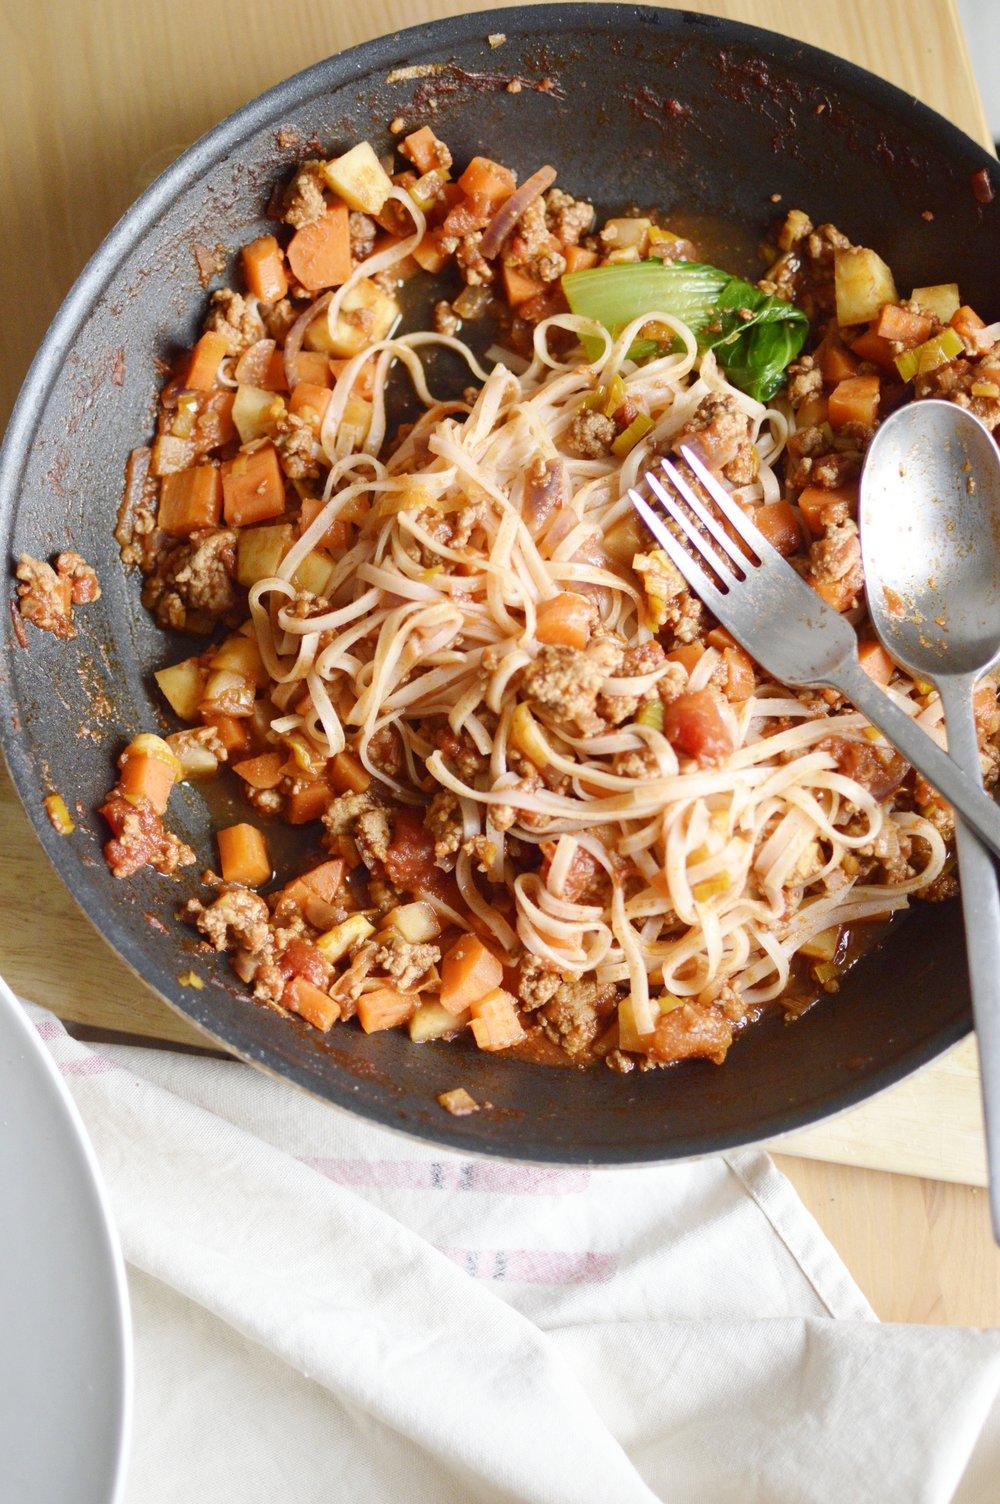 Rezeot-asiatische-Bolognese-PakChoi-Reisbandnudeln-frisch-lecker-schnell